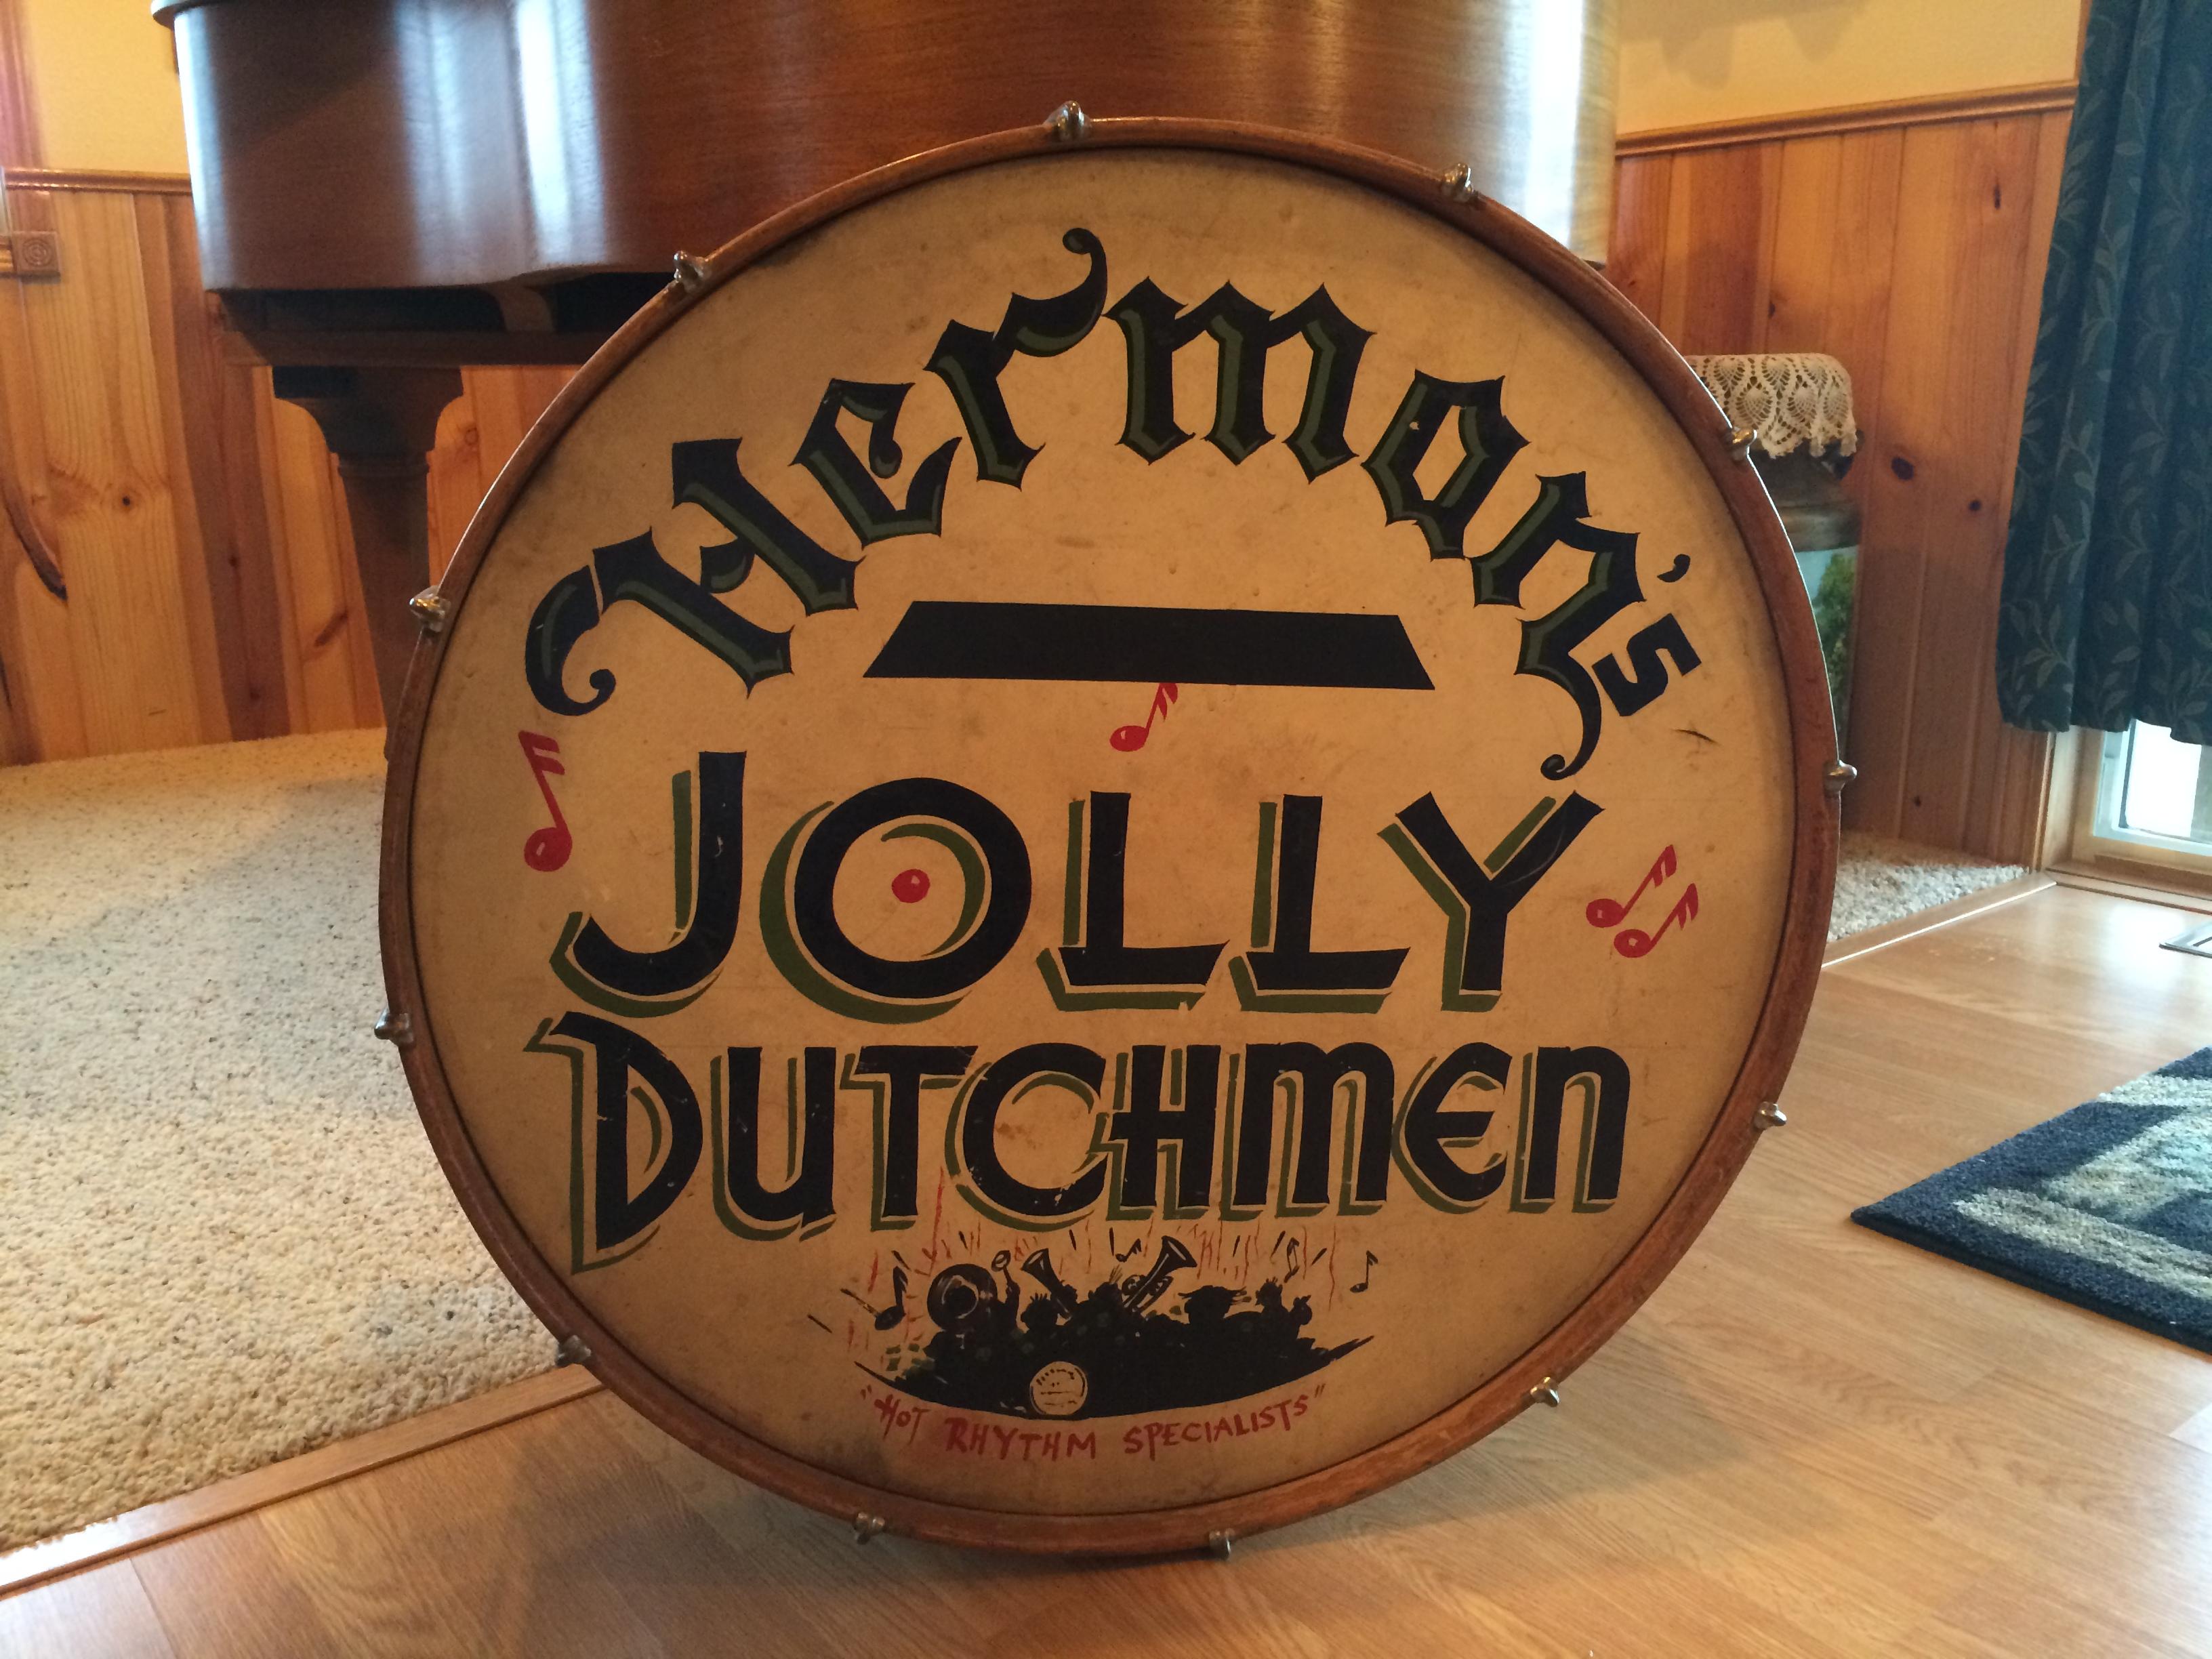 Herman drum